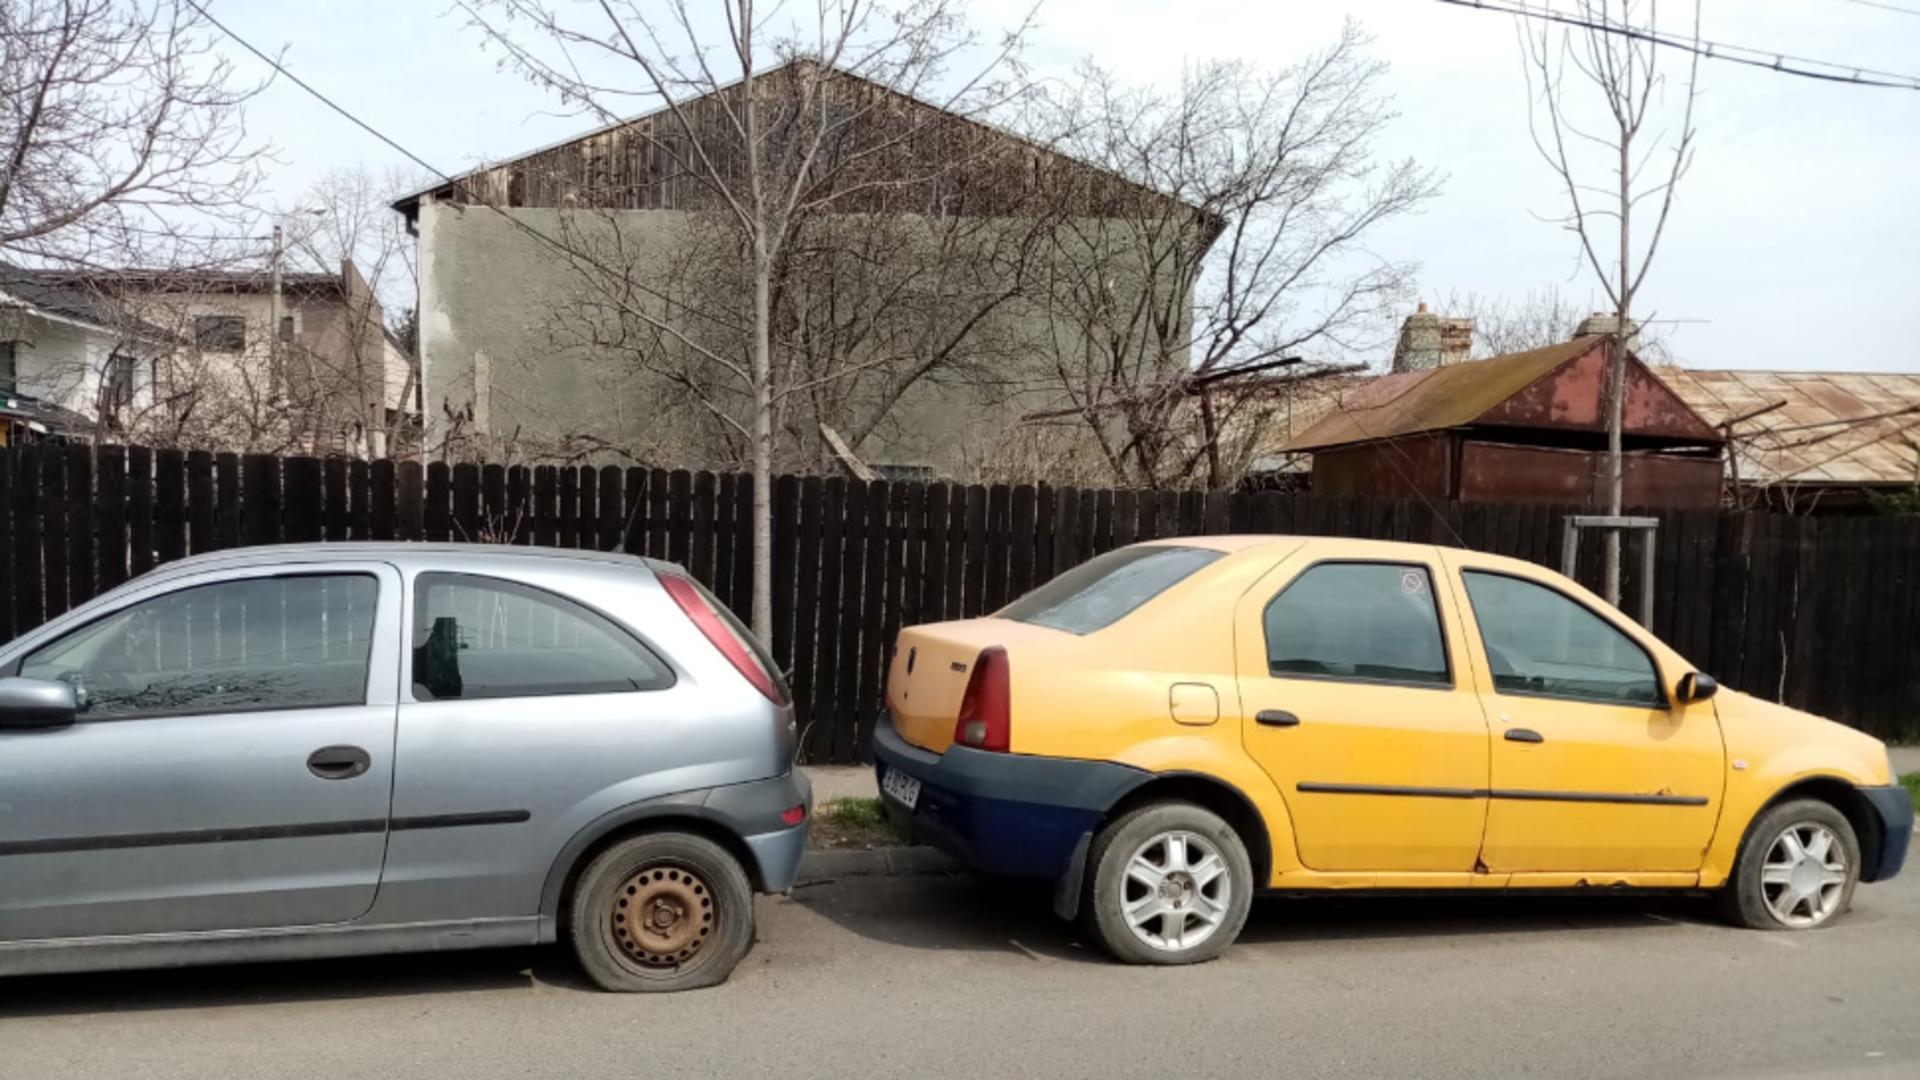 Autoturisme abandonate pe marginea drumului (foto: Emanuel Focsan)